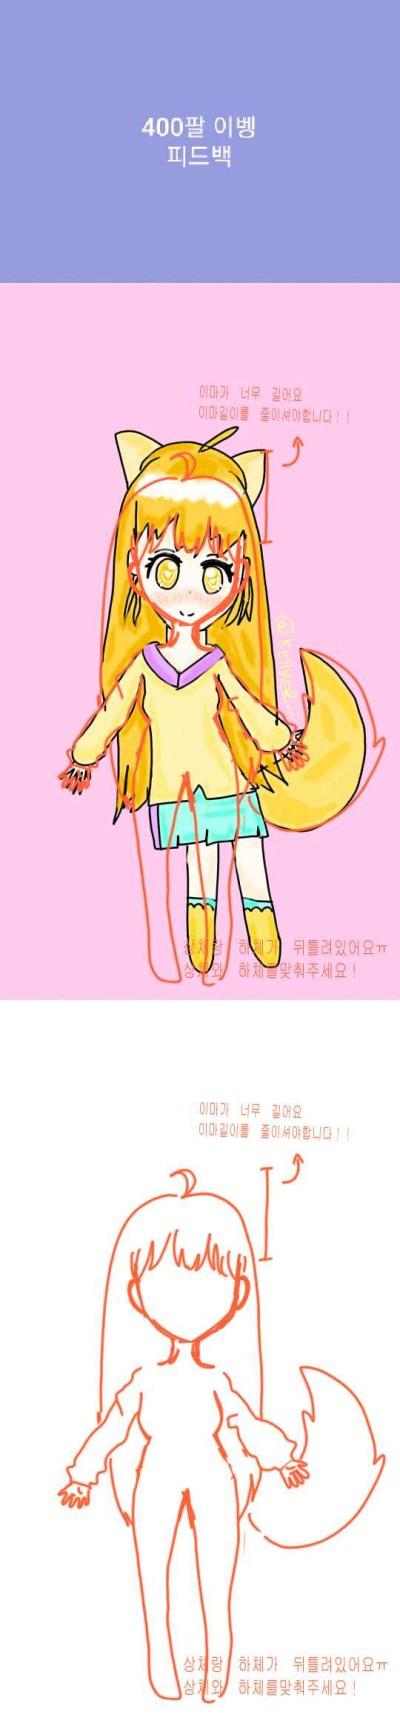 캘리님 핃백 | Baek.sat.gat | Digital Drawing | PENUP